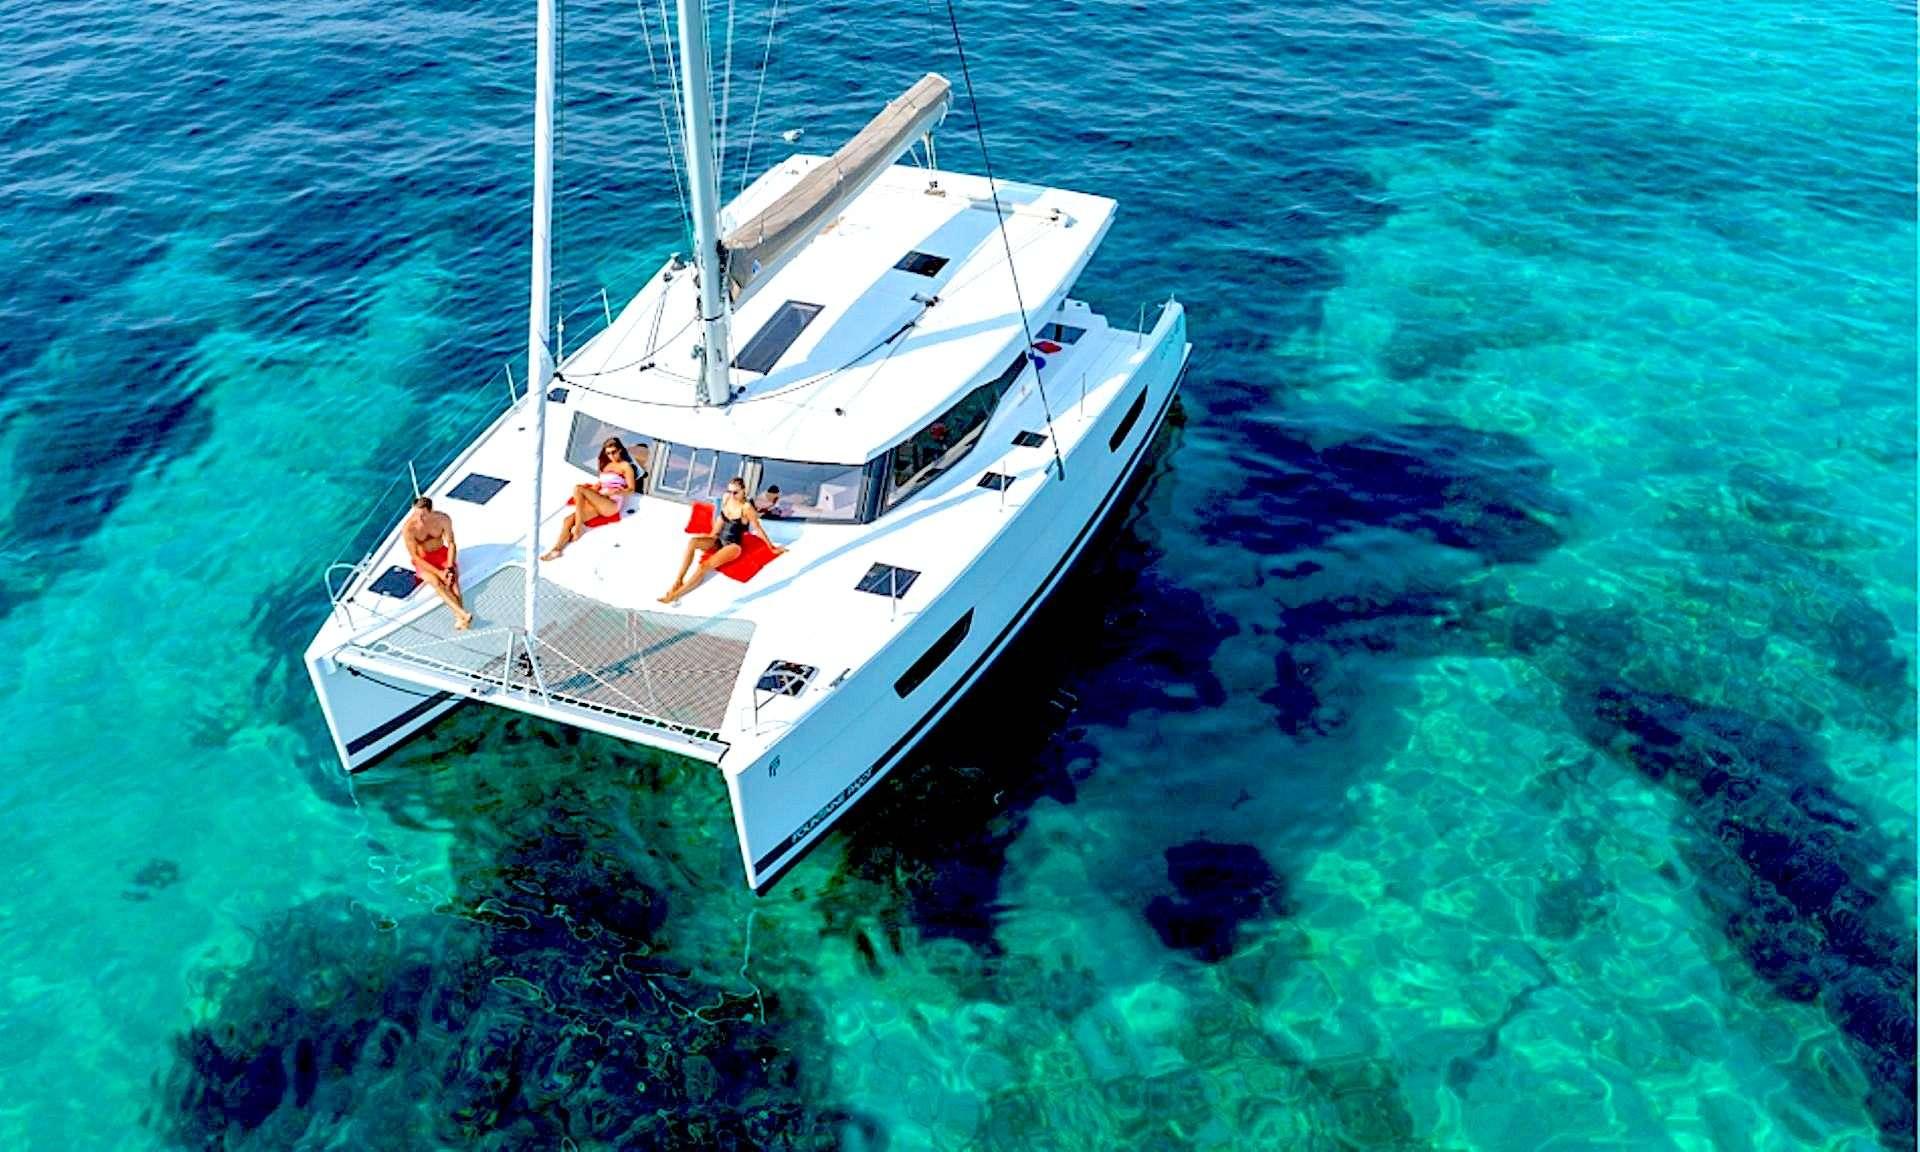 Роскошный чартерный катамаран Tranquility на средиземном море